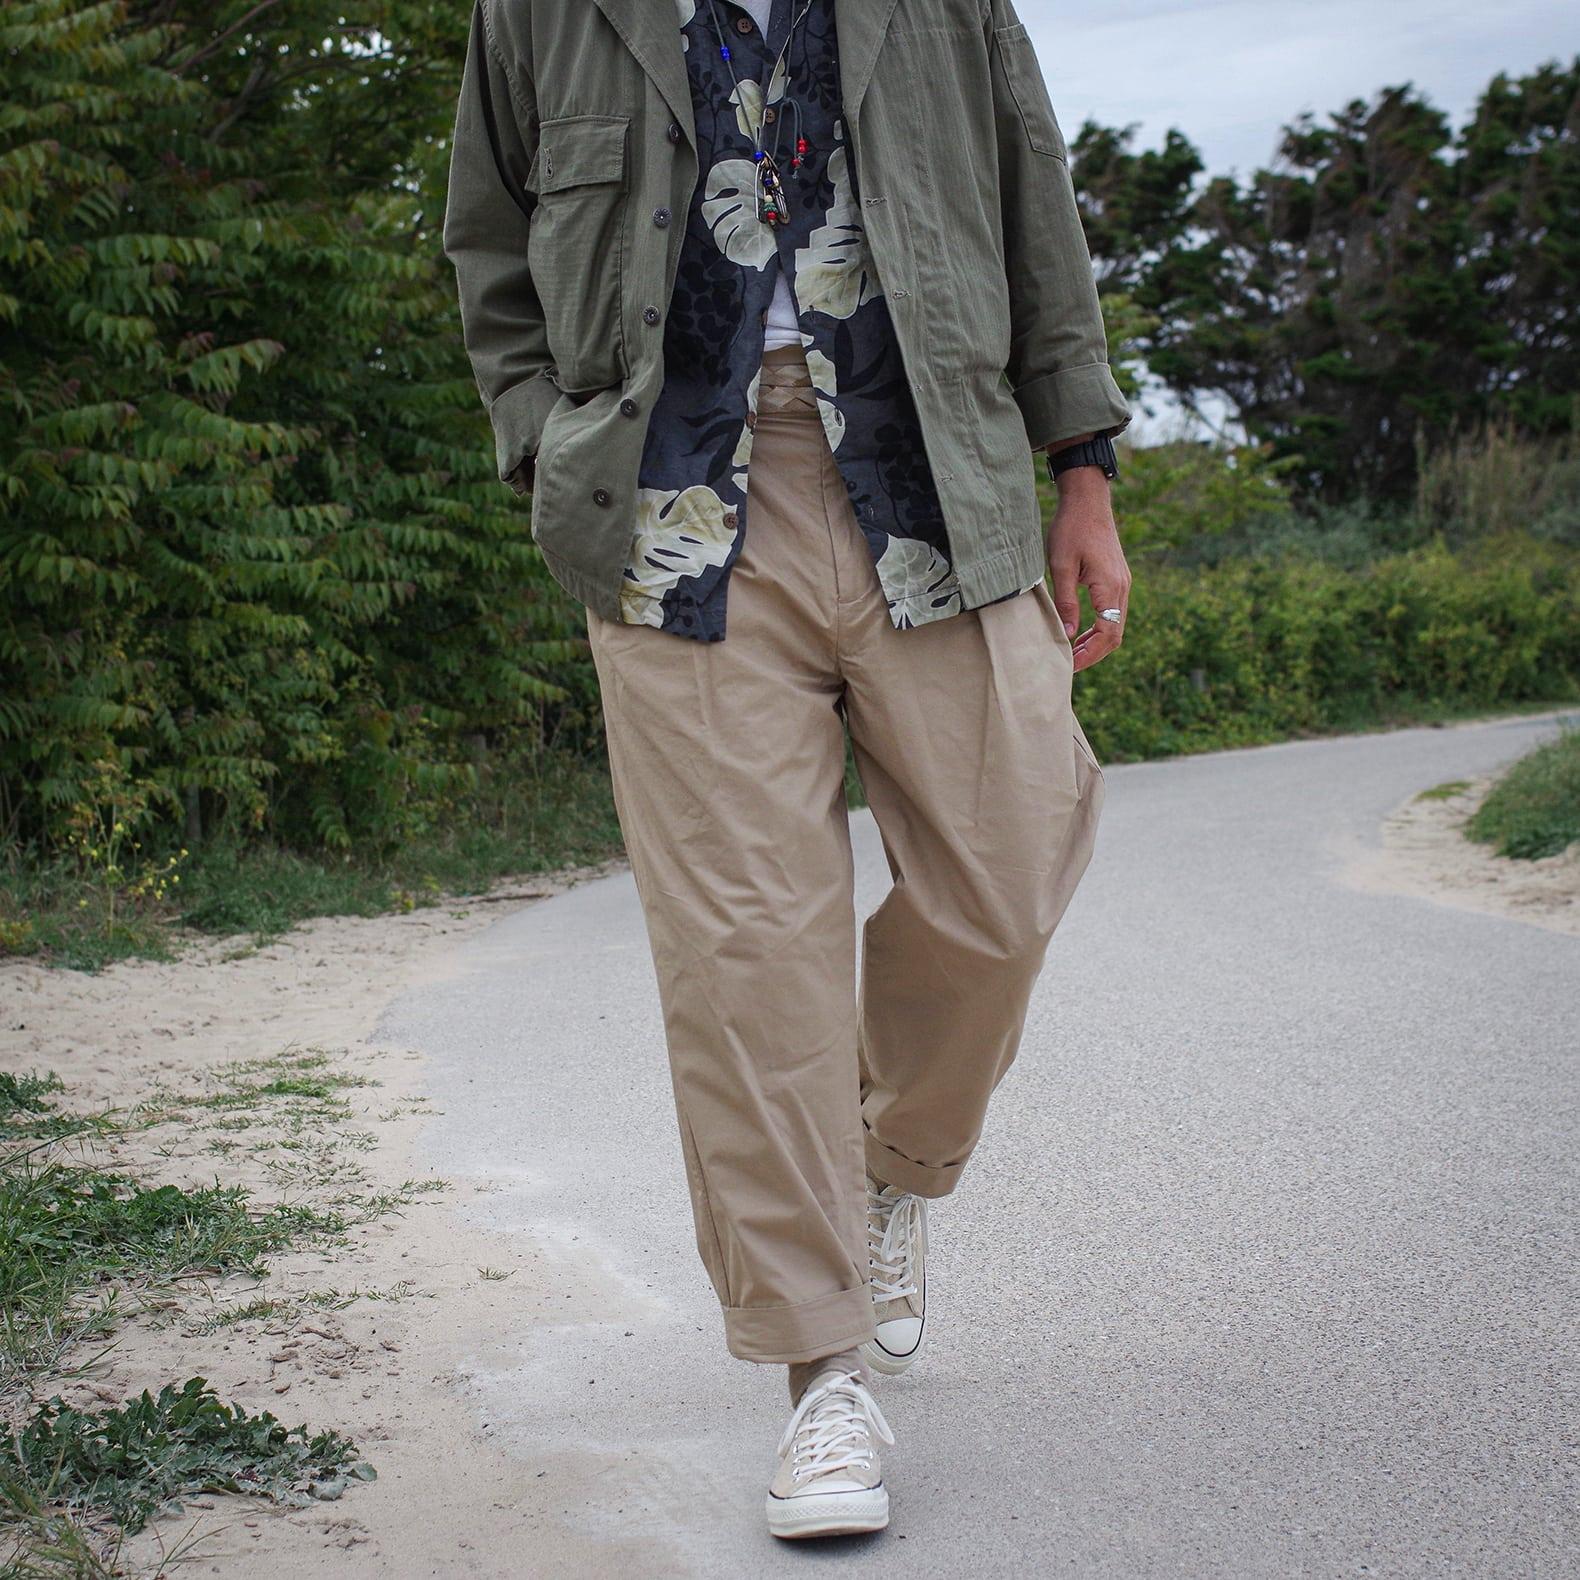 pantalon taille haute beige et converse chuck taylor 1970